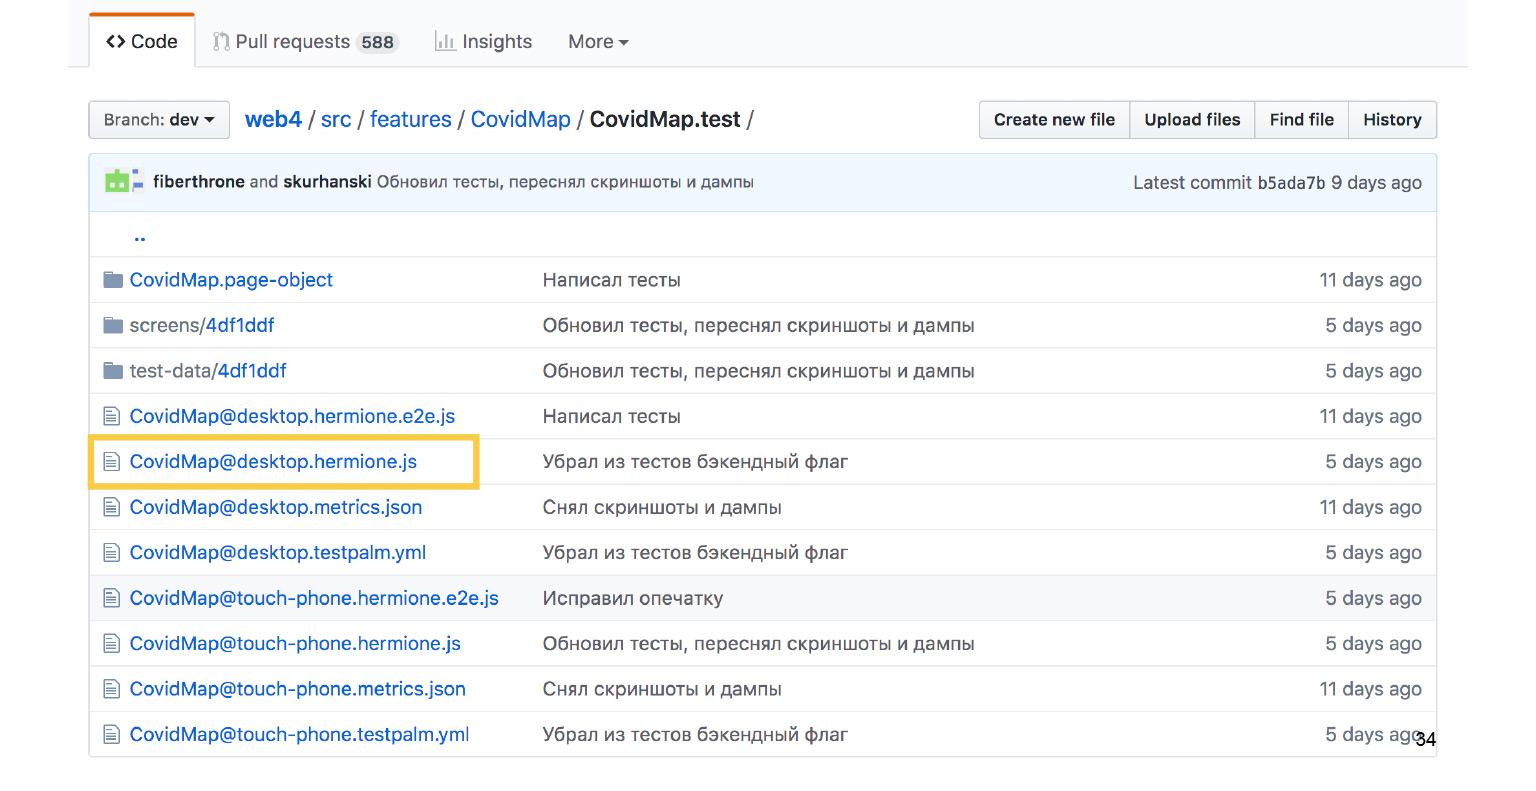 Автоматизация тестирования на максималках. Доклад Яндекса - 24